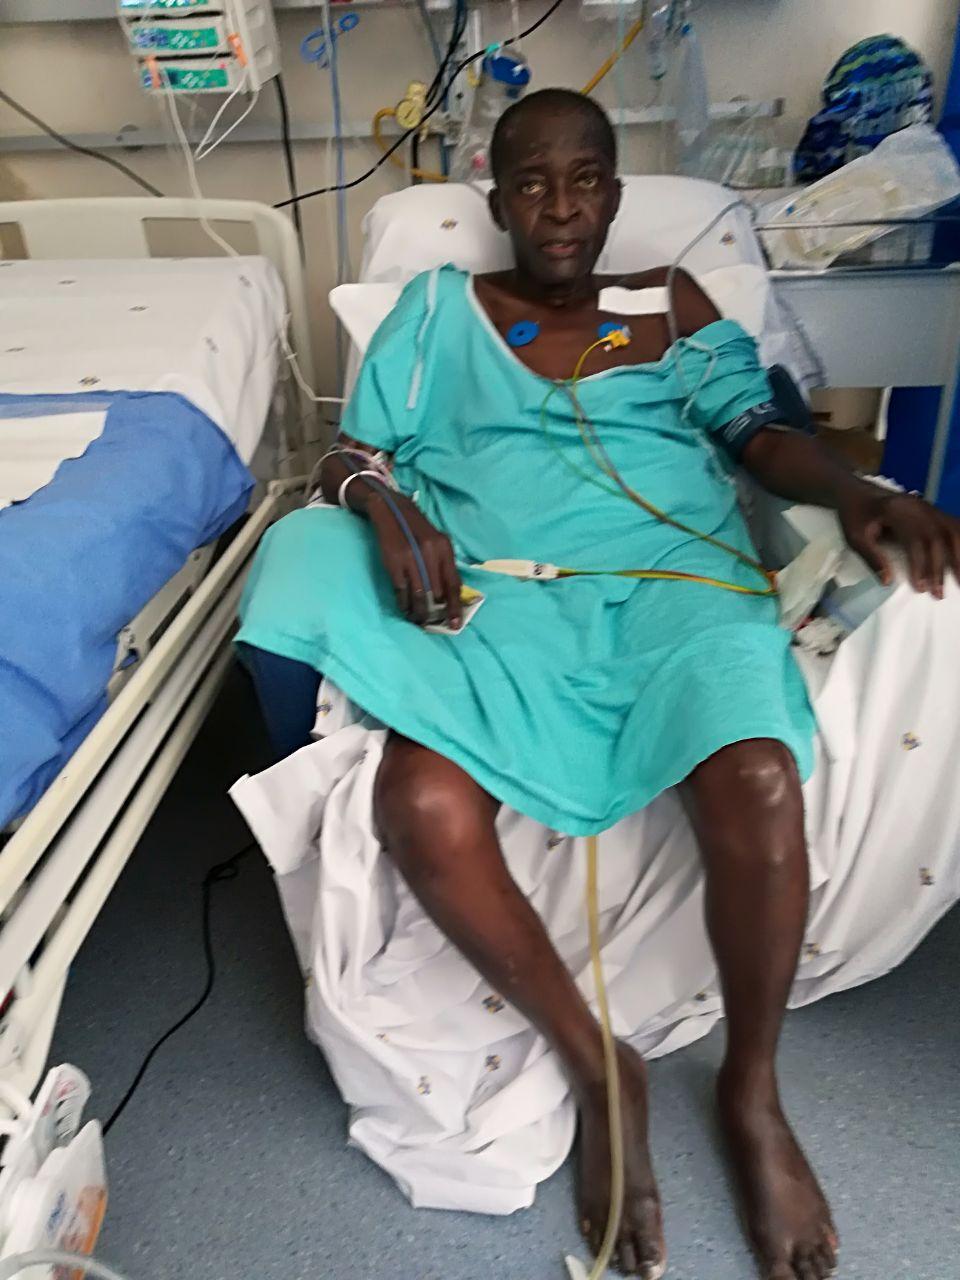 Le juge congolais Jacques Mbuyi pendant son hospitalisation en Afrique du Sud.